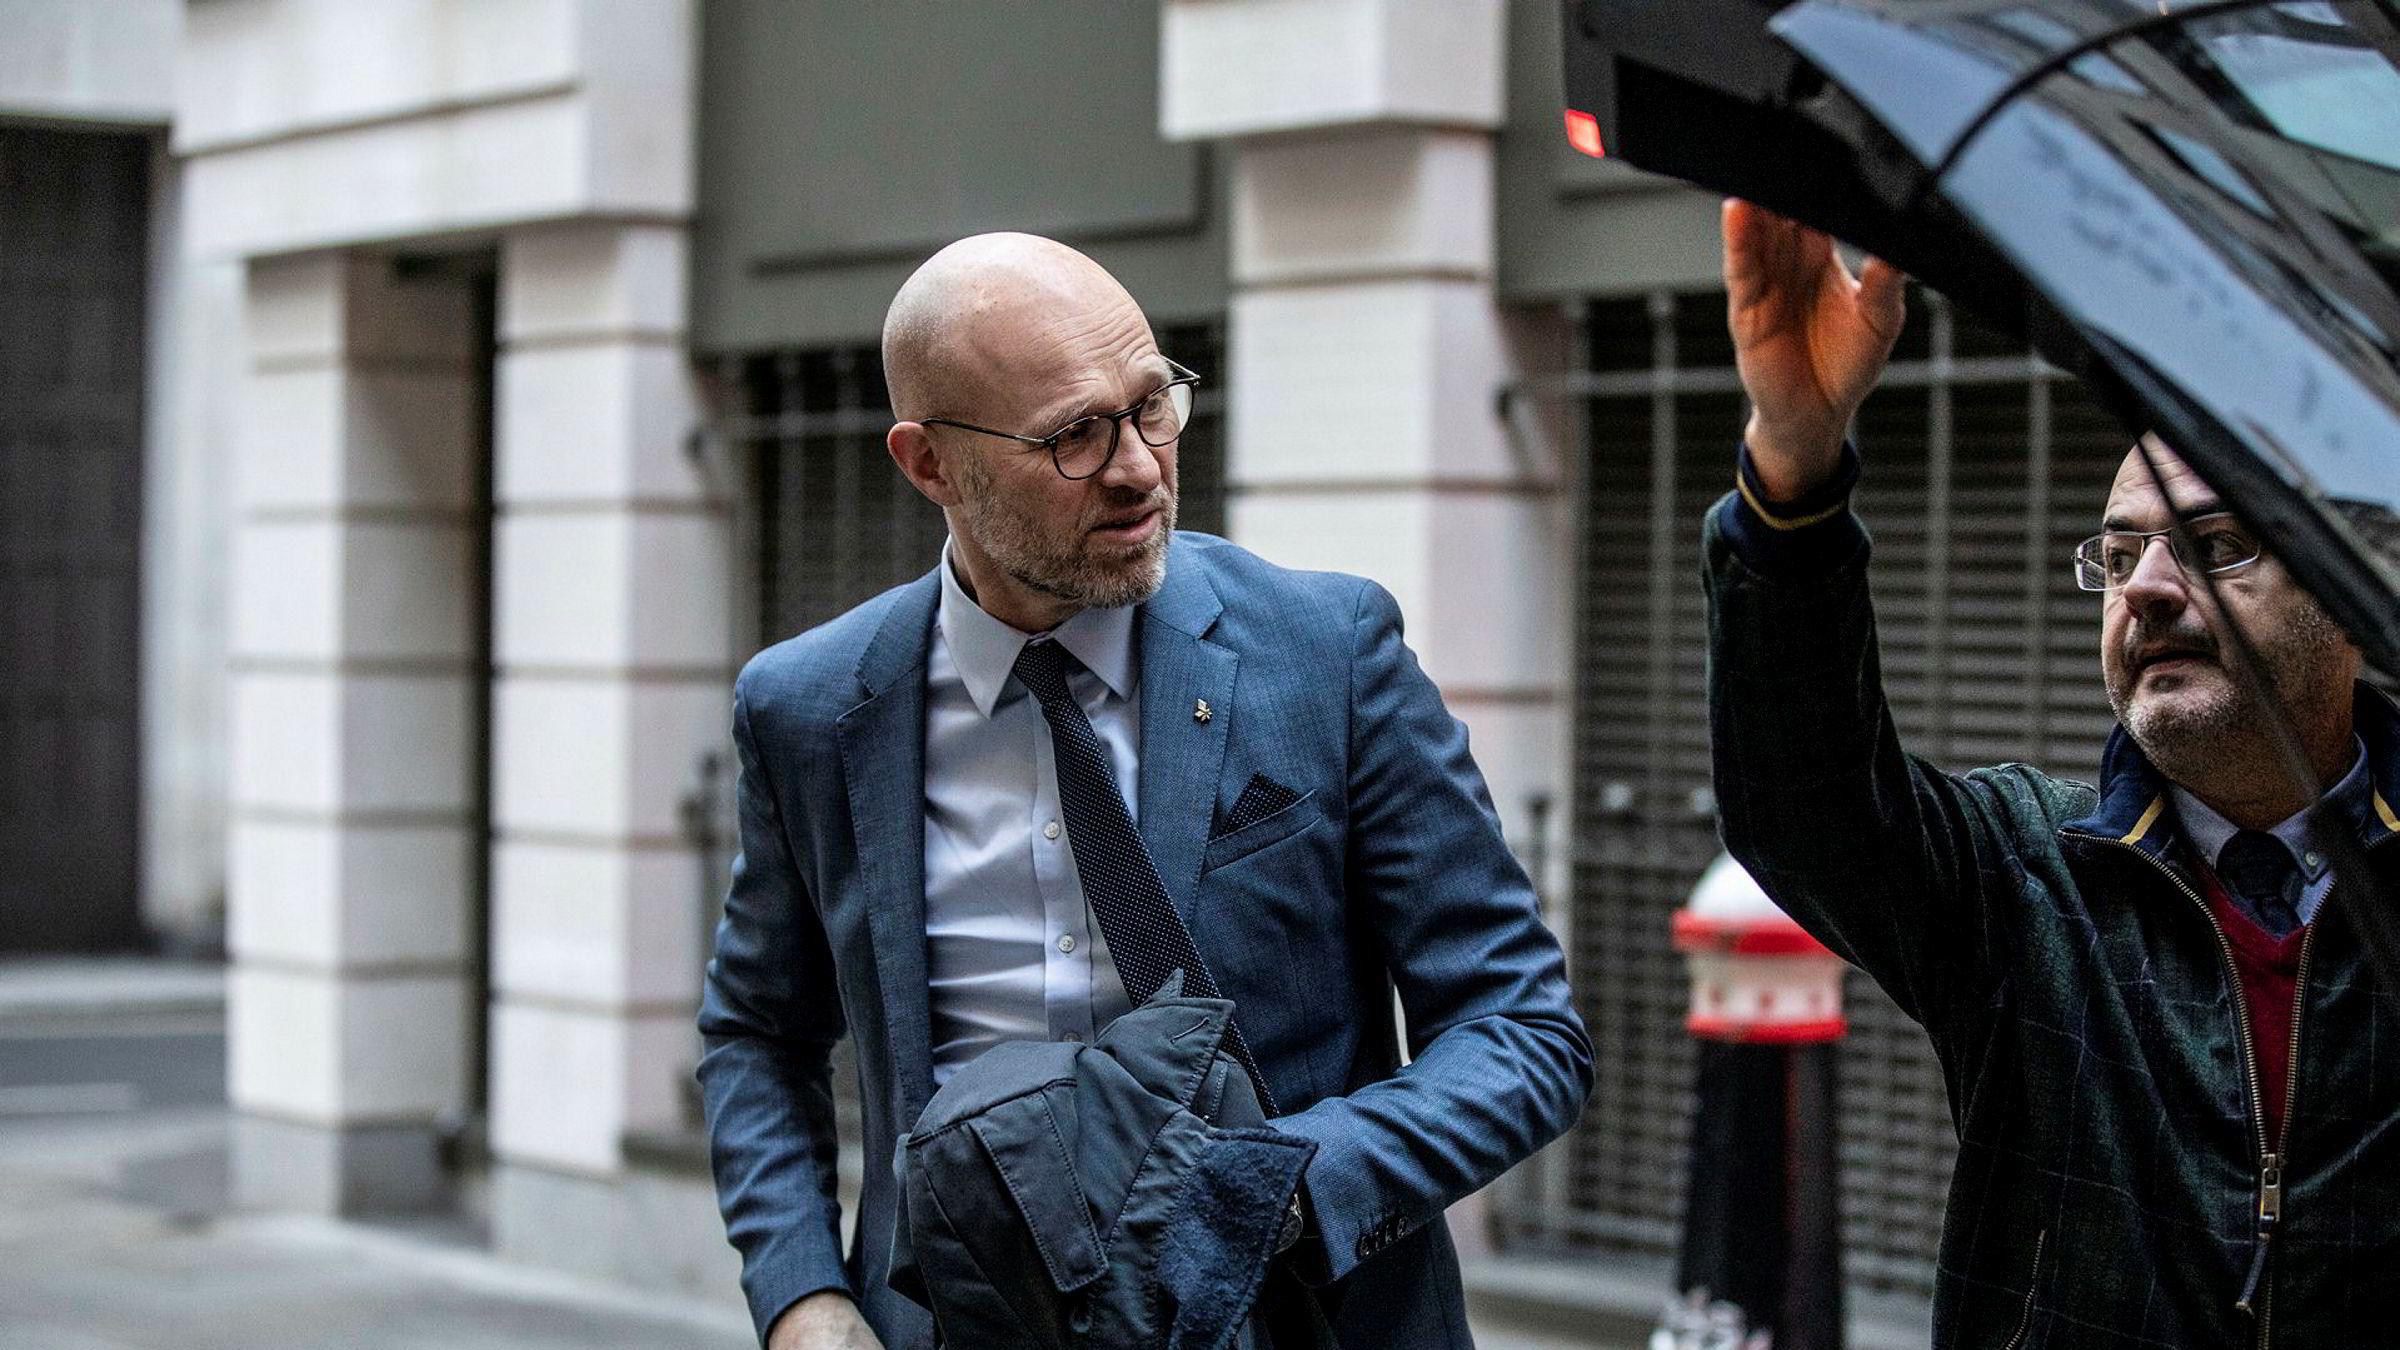 Torgrim Reitan, nå konserndirektør for Equinors internasjonale virksomhet, var sjef i USA da det ble levert en rekke kritiske internrevisjonsrapporter. Bildet er tatt i februar i år.